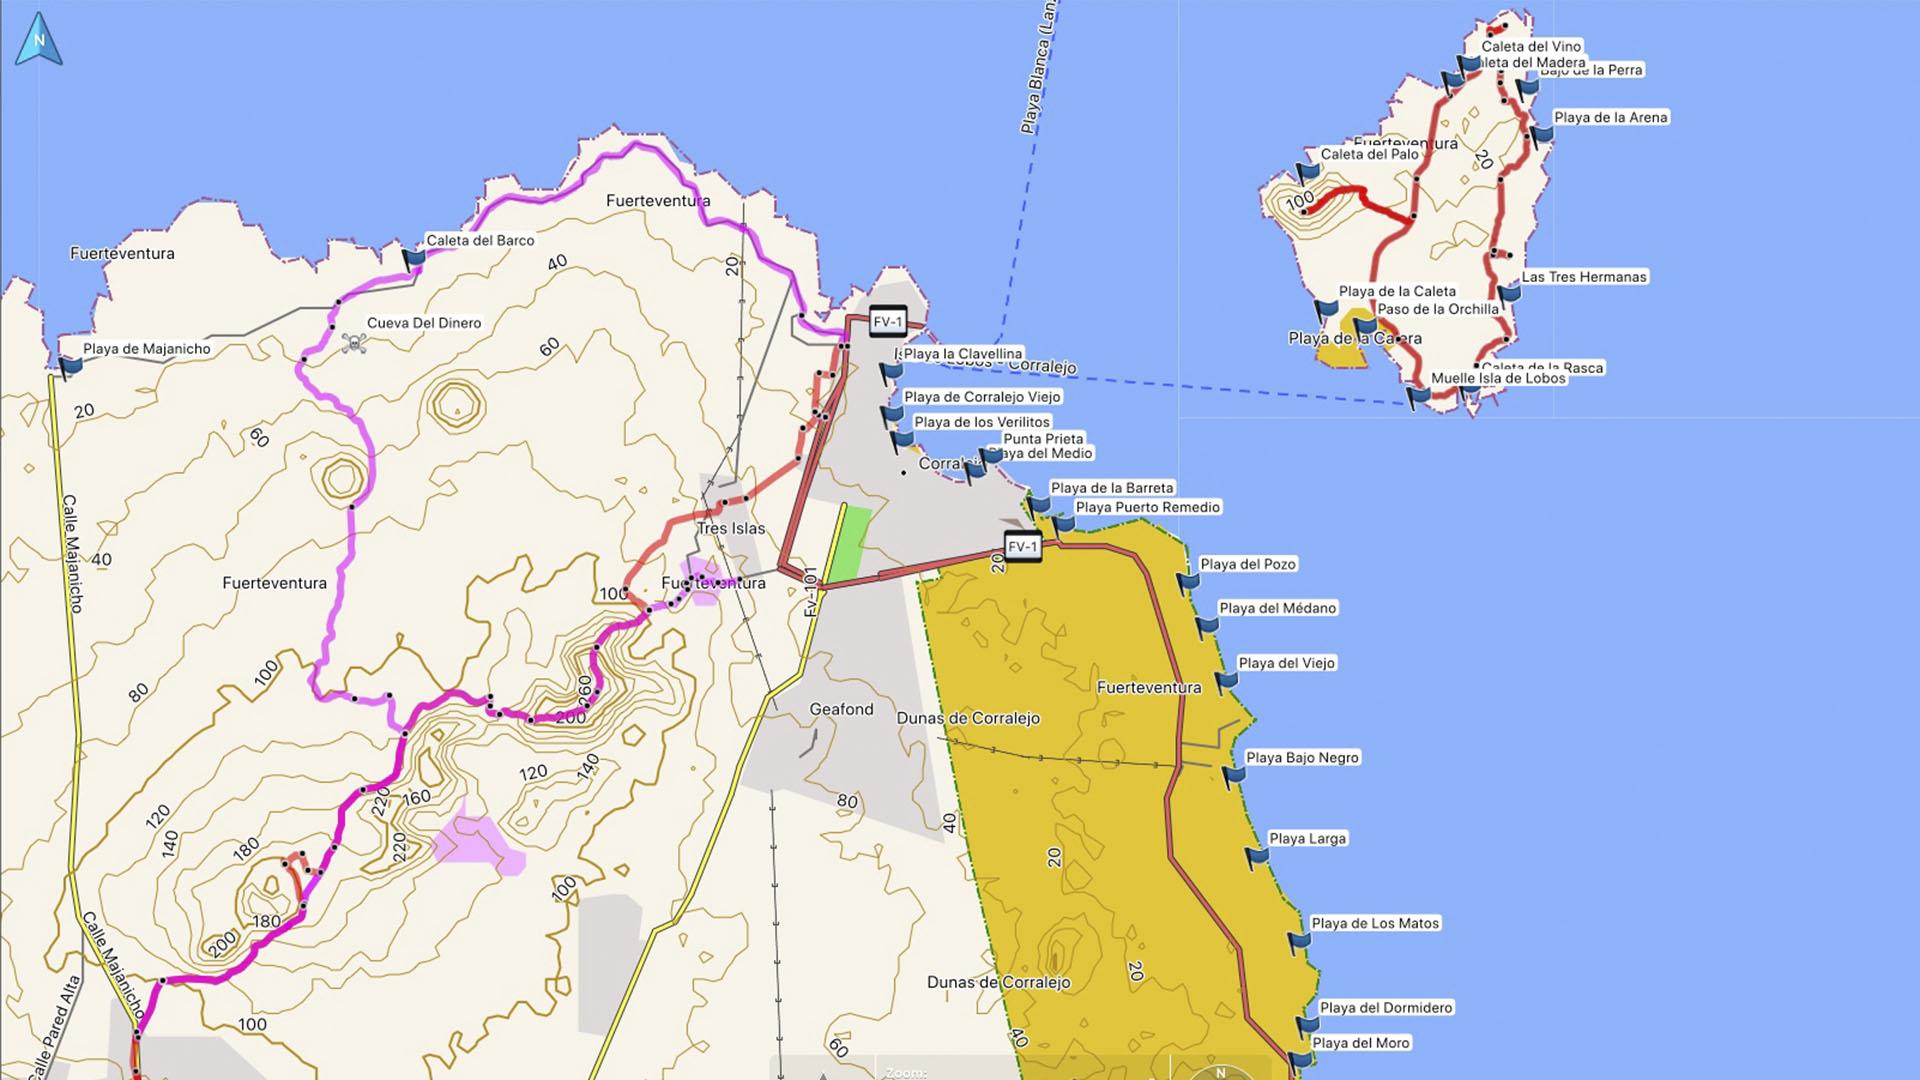 Fuerteventura Karte der Straende: Los Lobos - Corralejo - El Jable